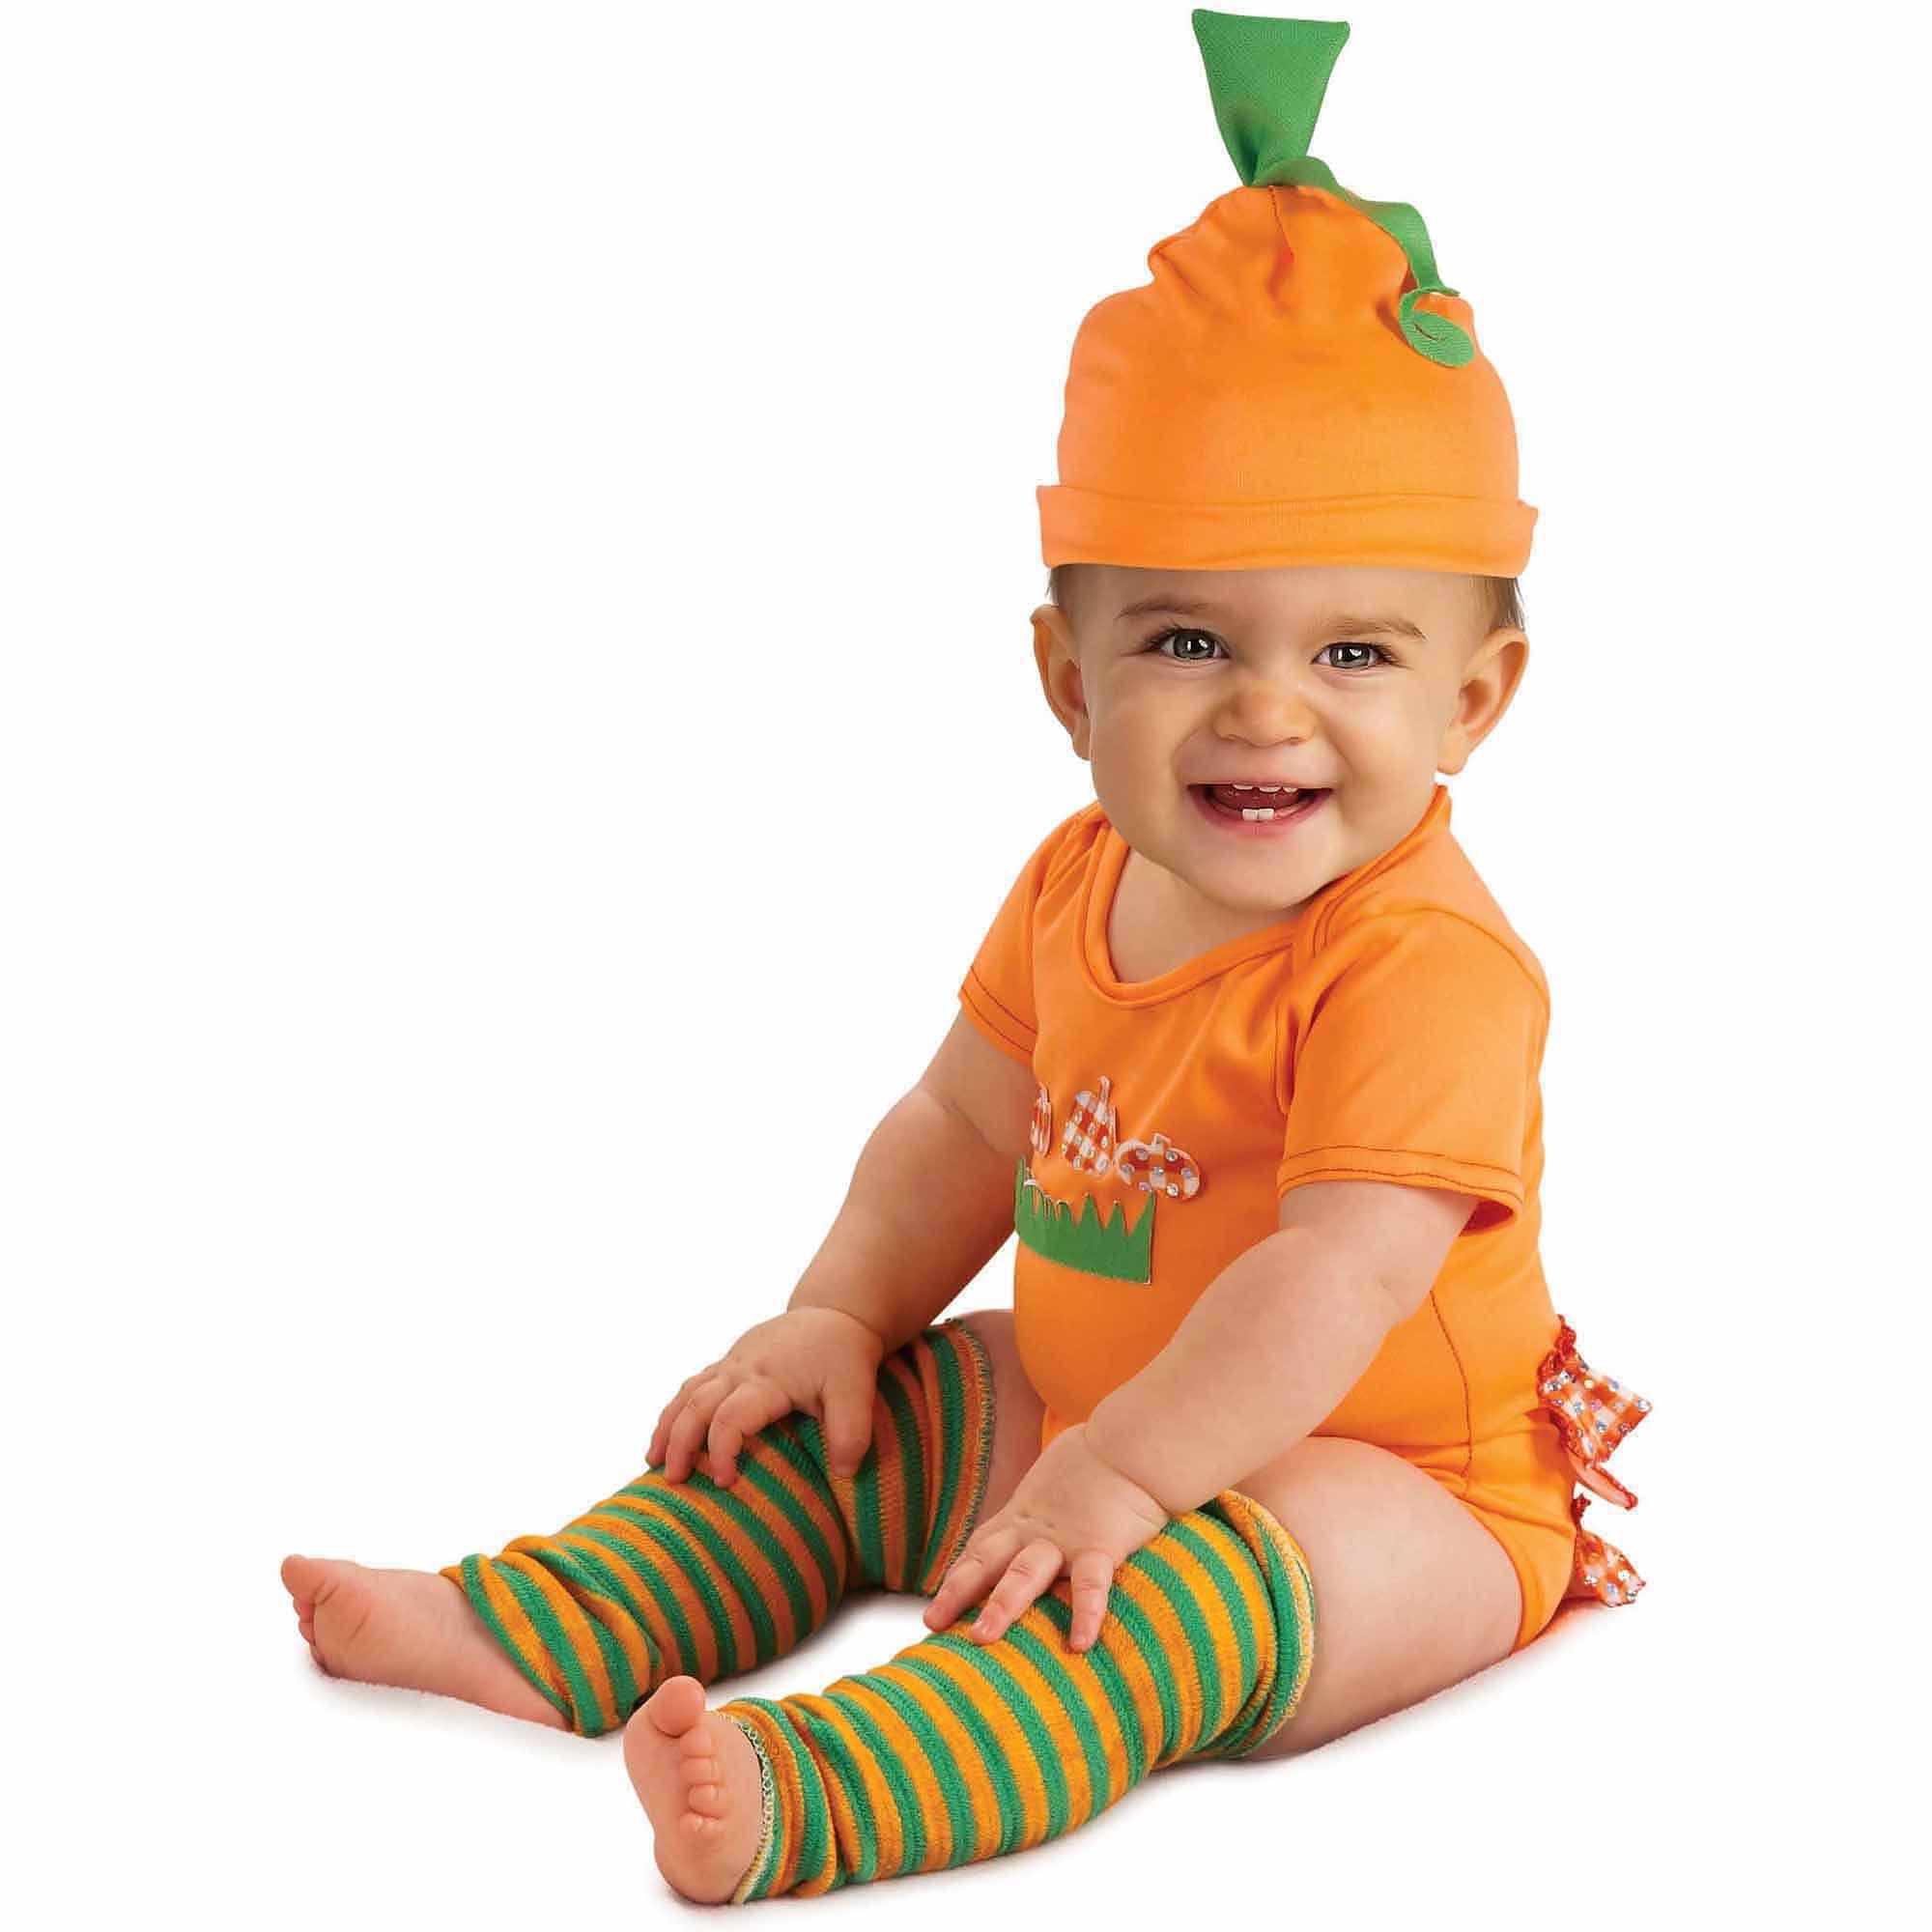 Pumpkin Onesie Infant Halloween Costume, Size 6-12 Months